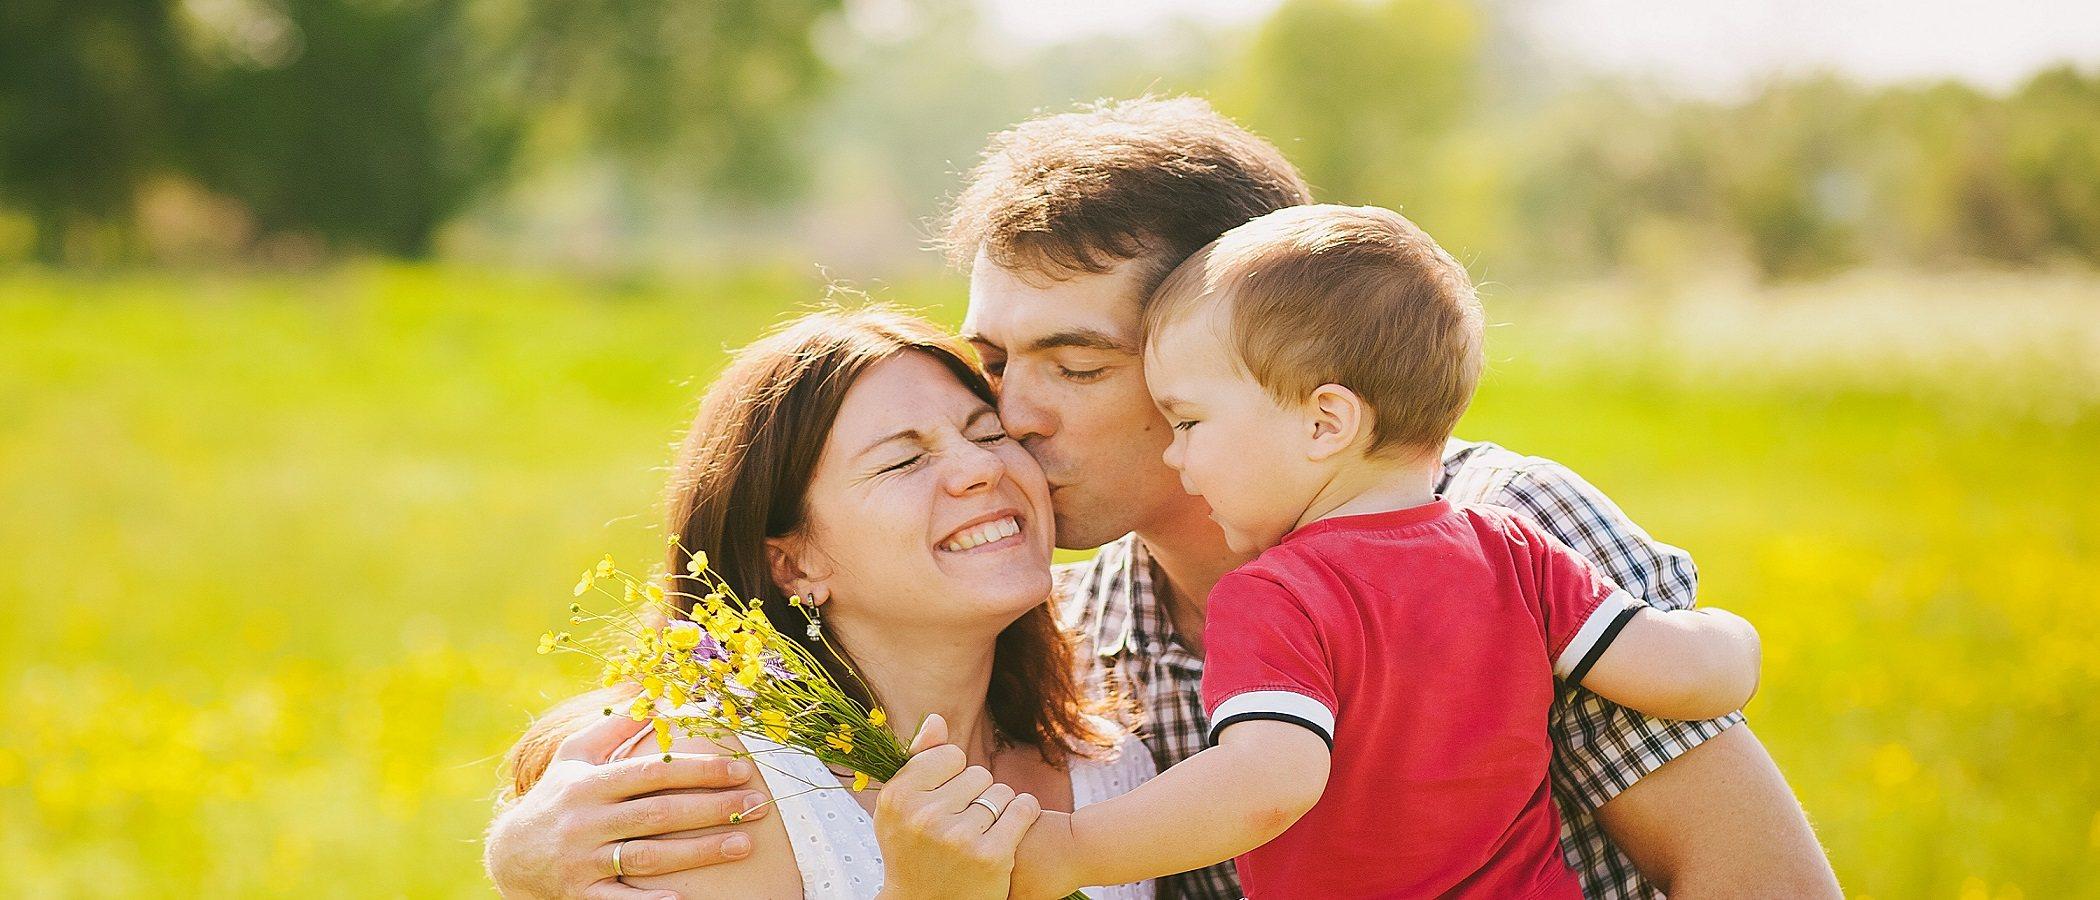 Cómo mostrar tus sentimientos cuando tus hijos te desafían